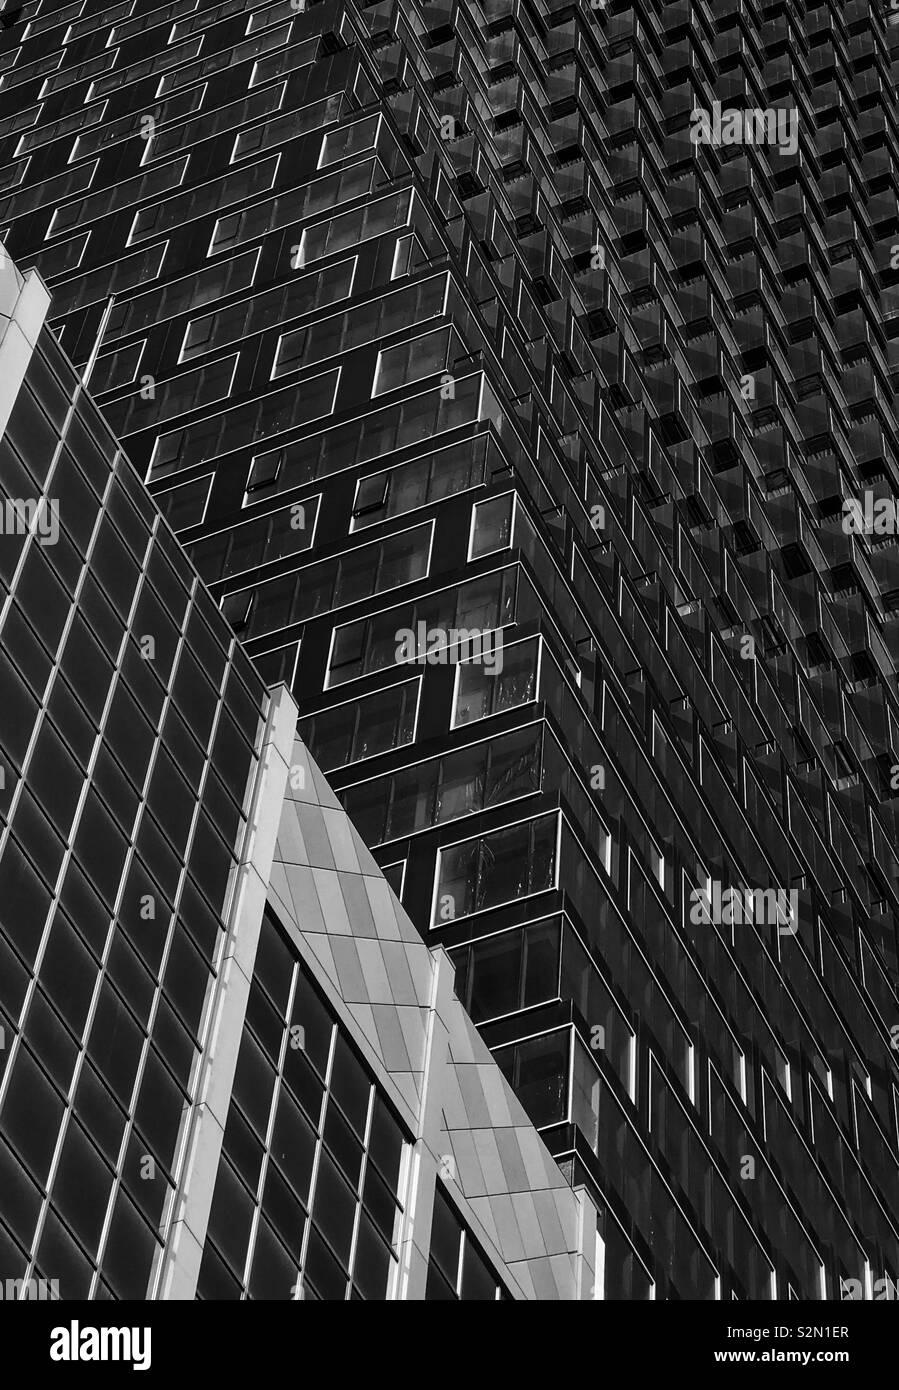 Architektur Abstract in Schwarzweiß. Gebäude in der Innenstadt von Calgary, Alberta, Kanada. Stockfoto